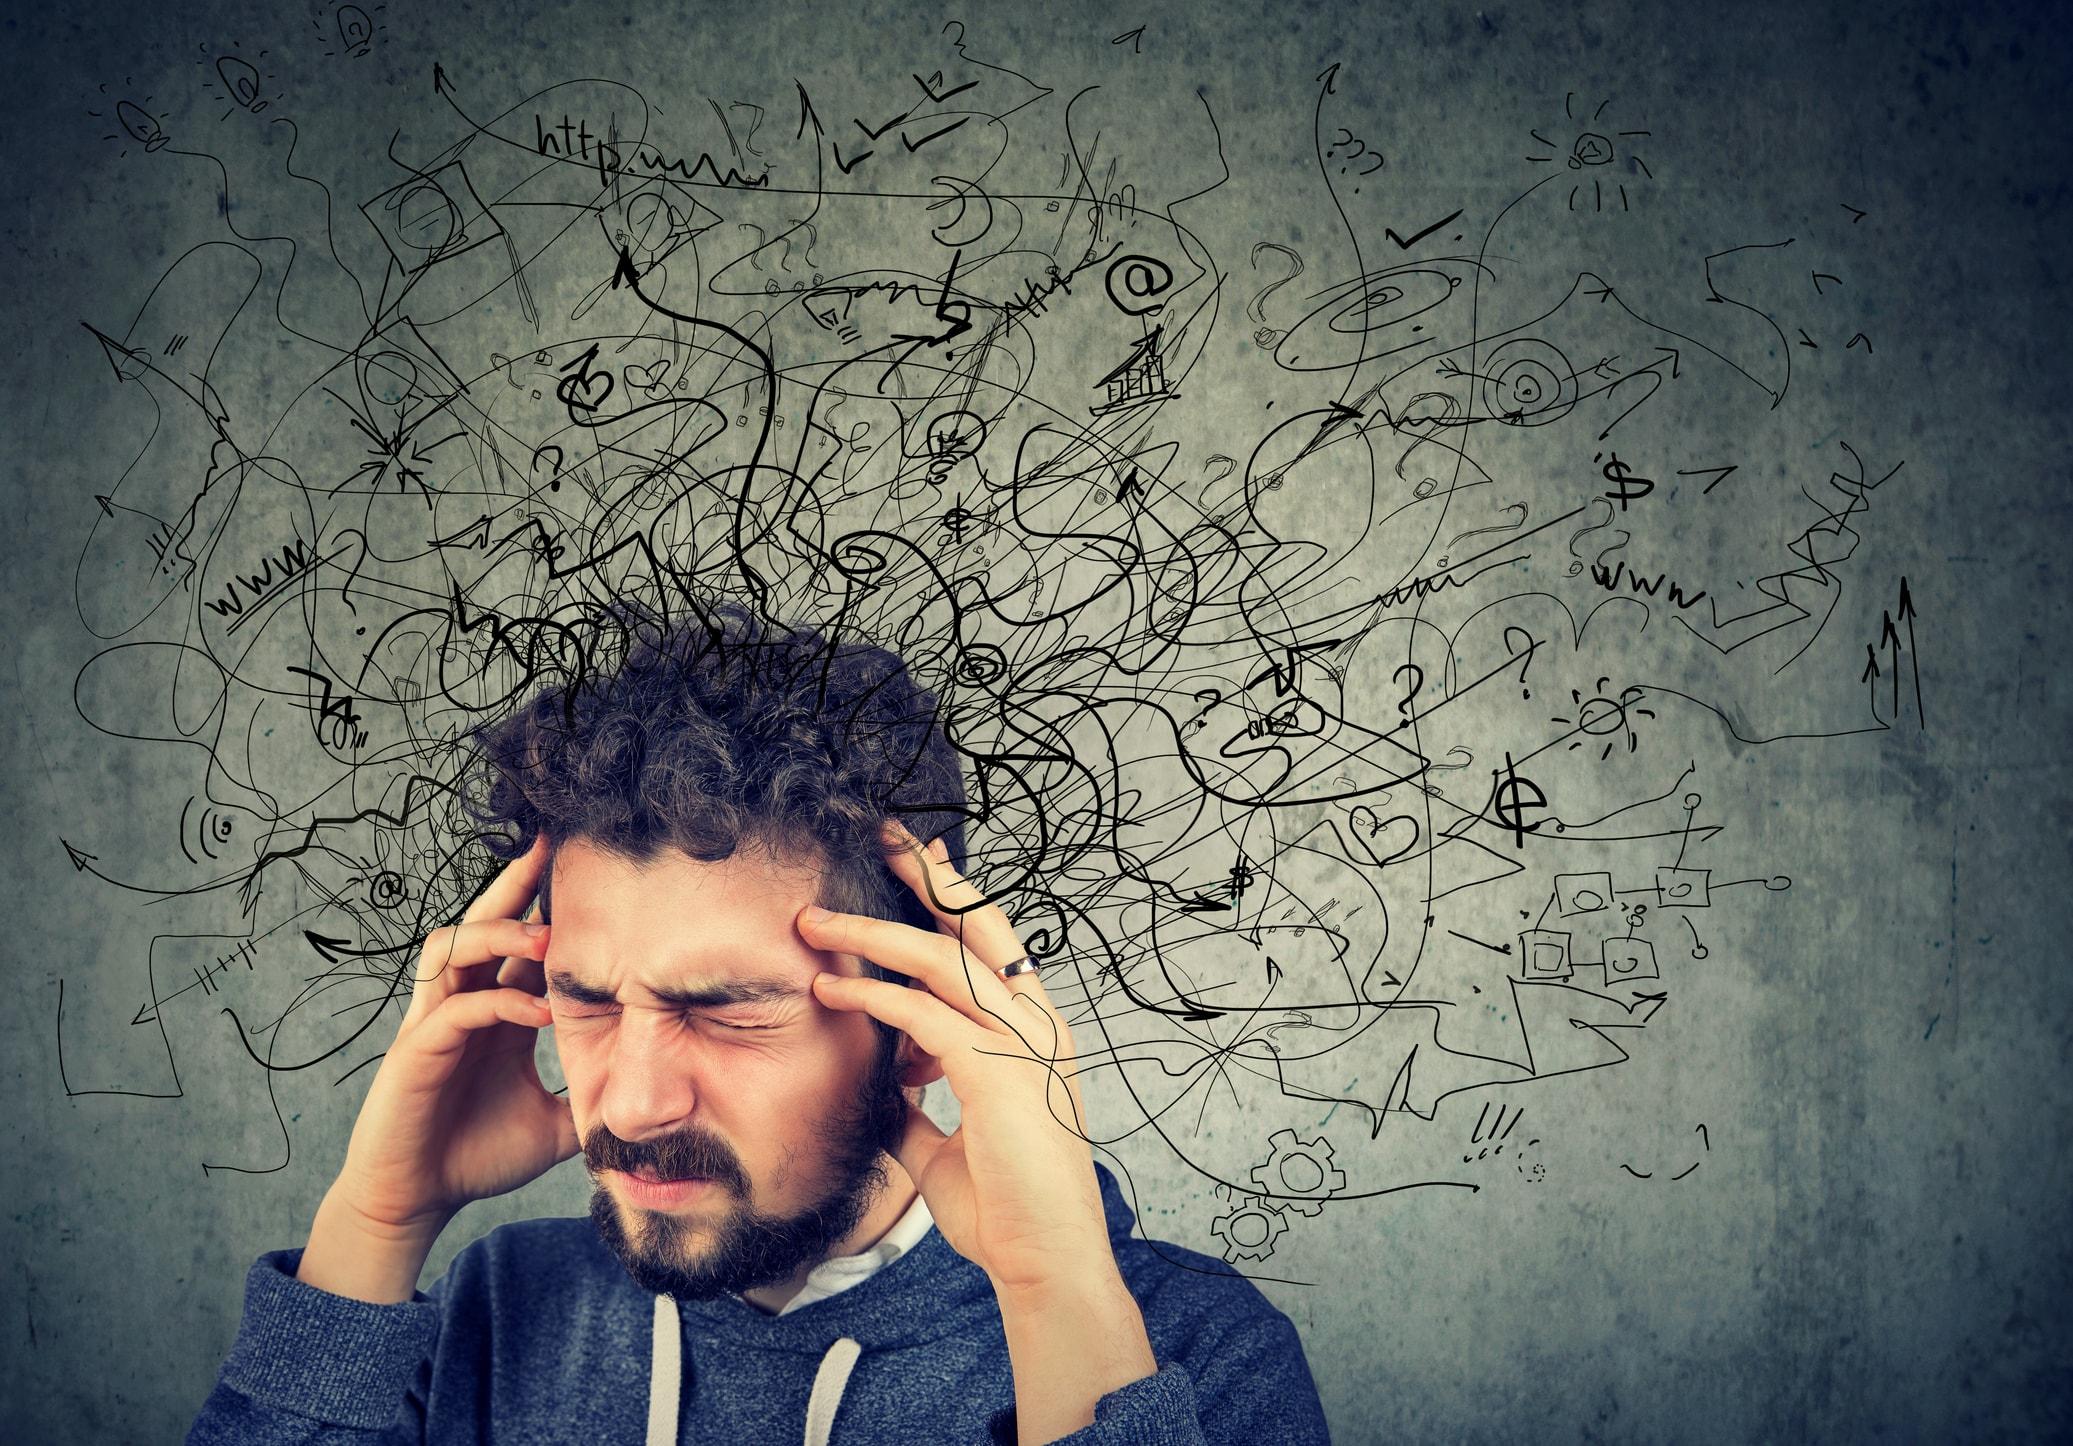 Mann mit negativen Gedanken